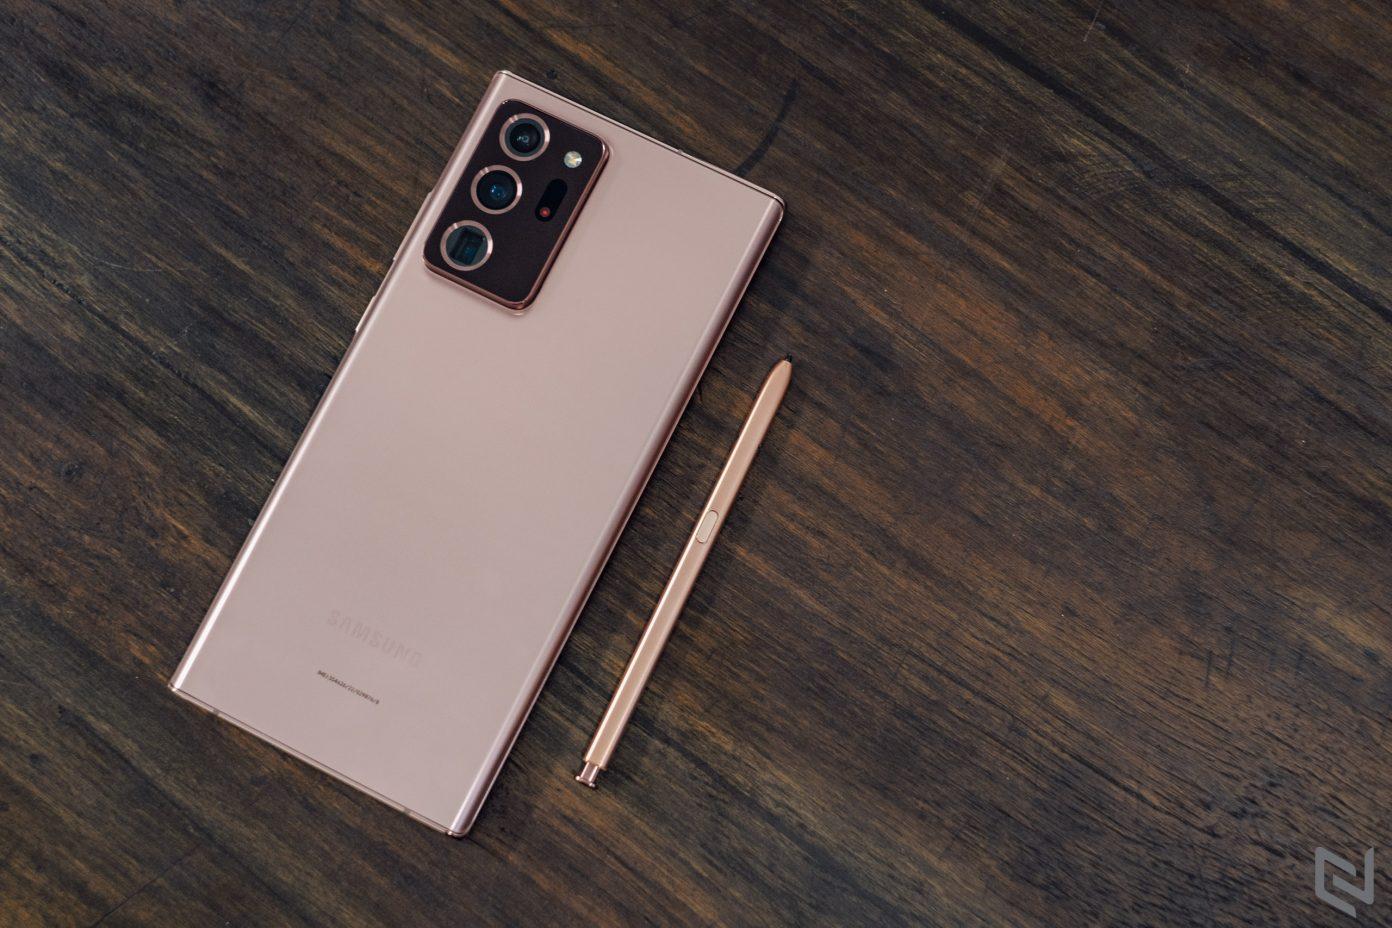 Galaxy Note có thể khai tử vào năm 2021, công nghệ bút S Pen đưa lên Galaxy Z Fold 3 - Ảnh 1.